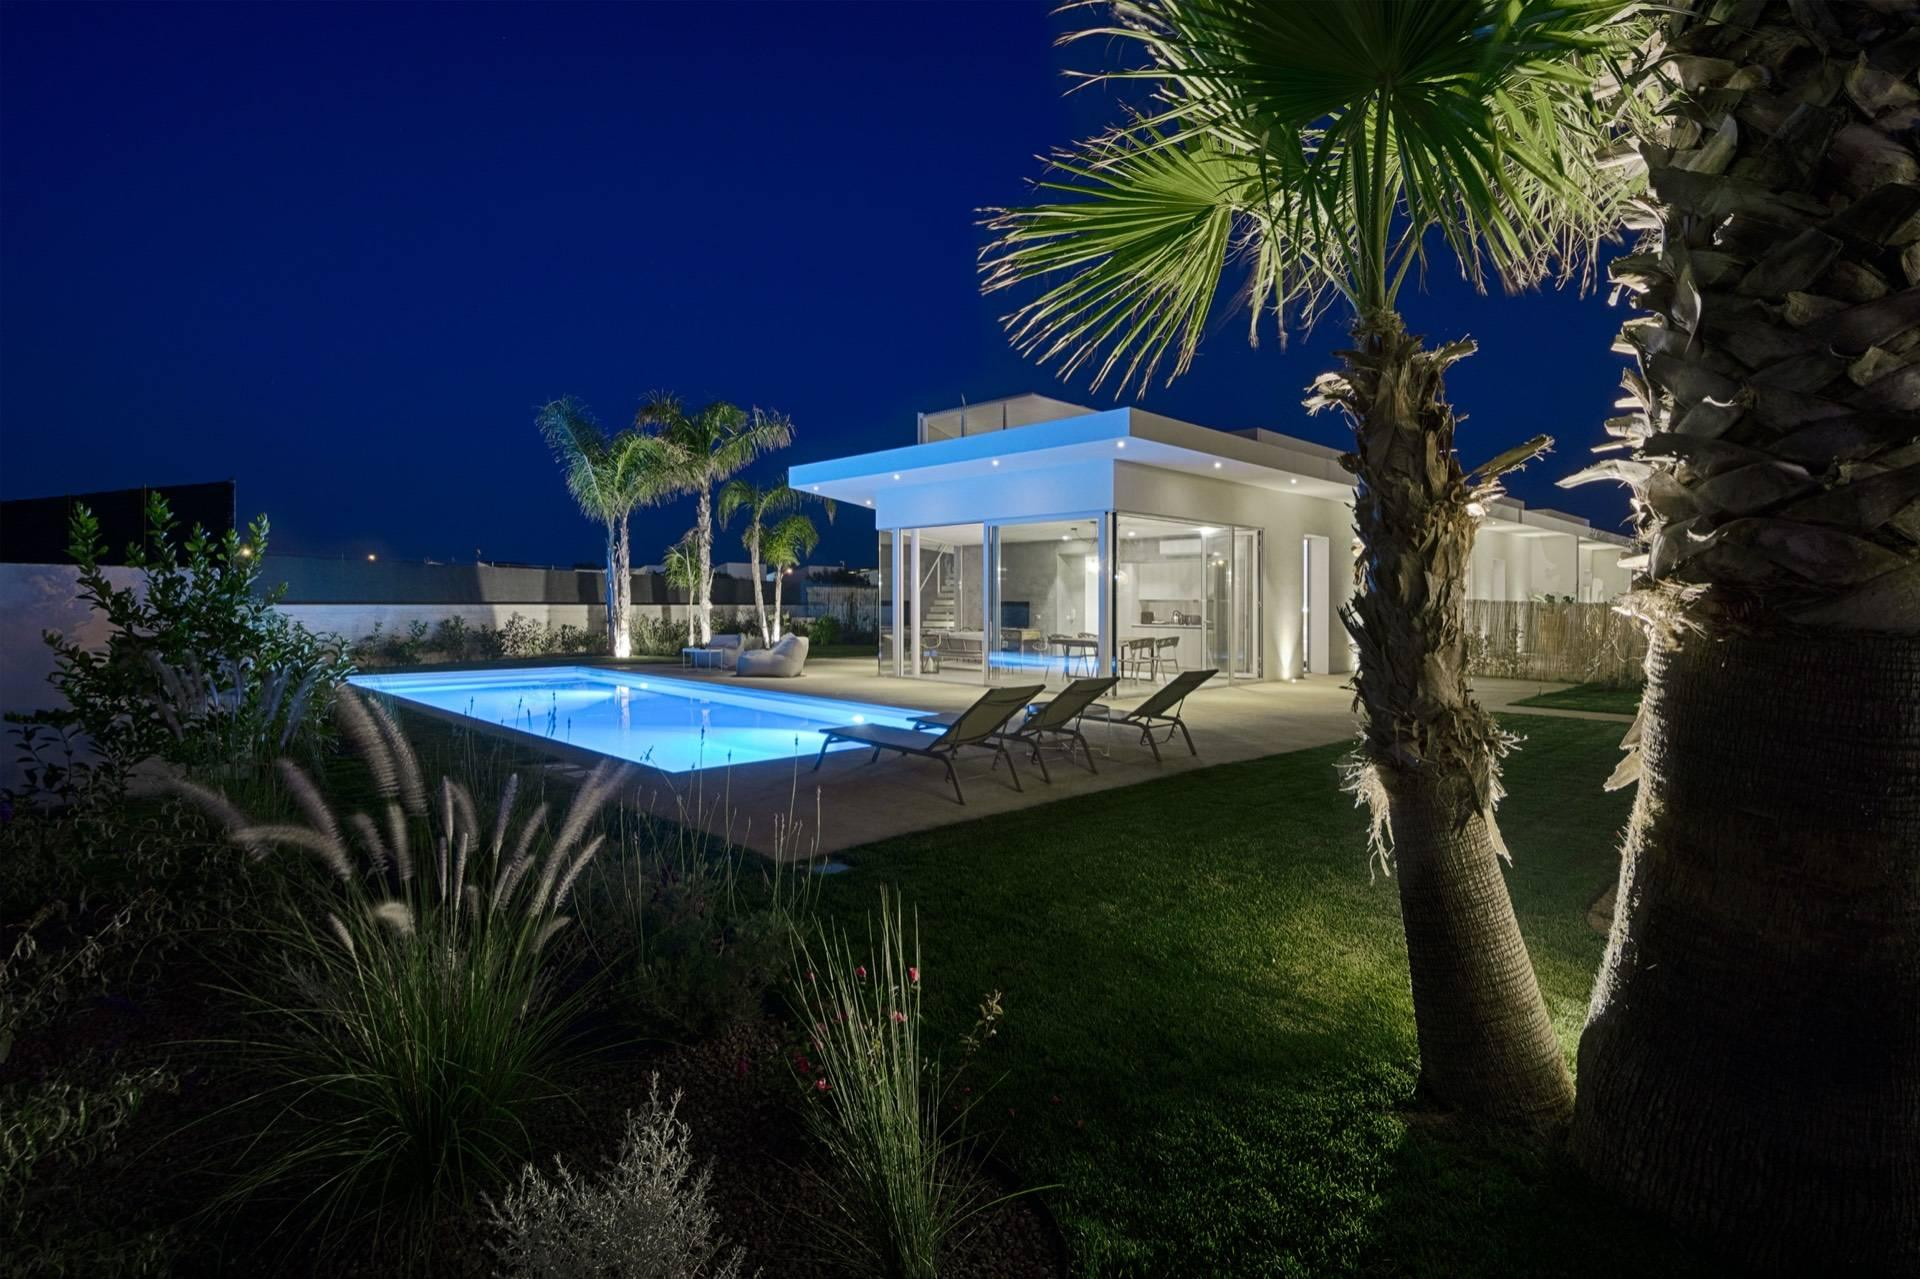 Villa indipendente con piscina a pochi passi dal mare - 7